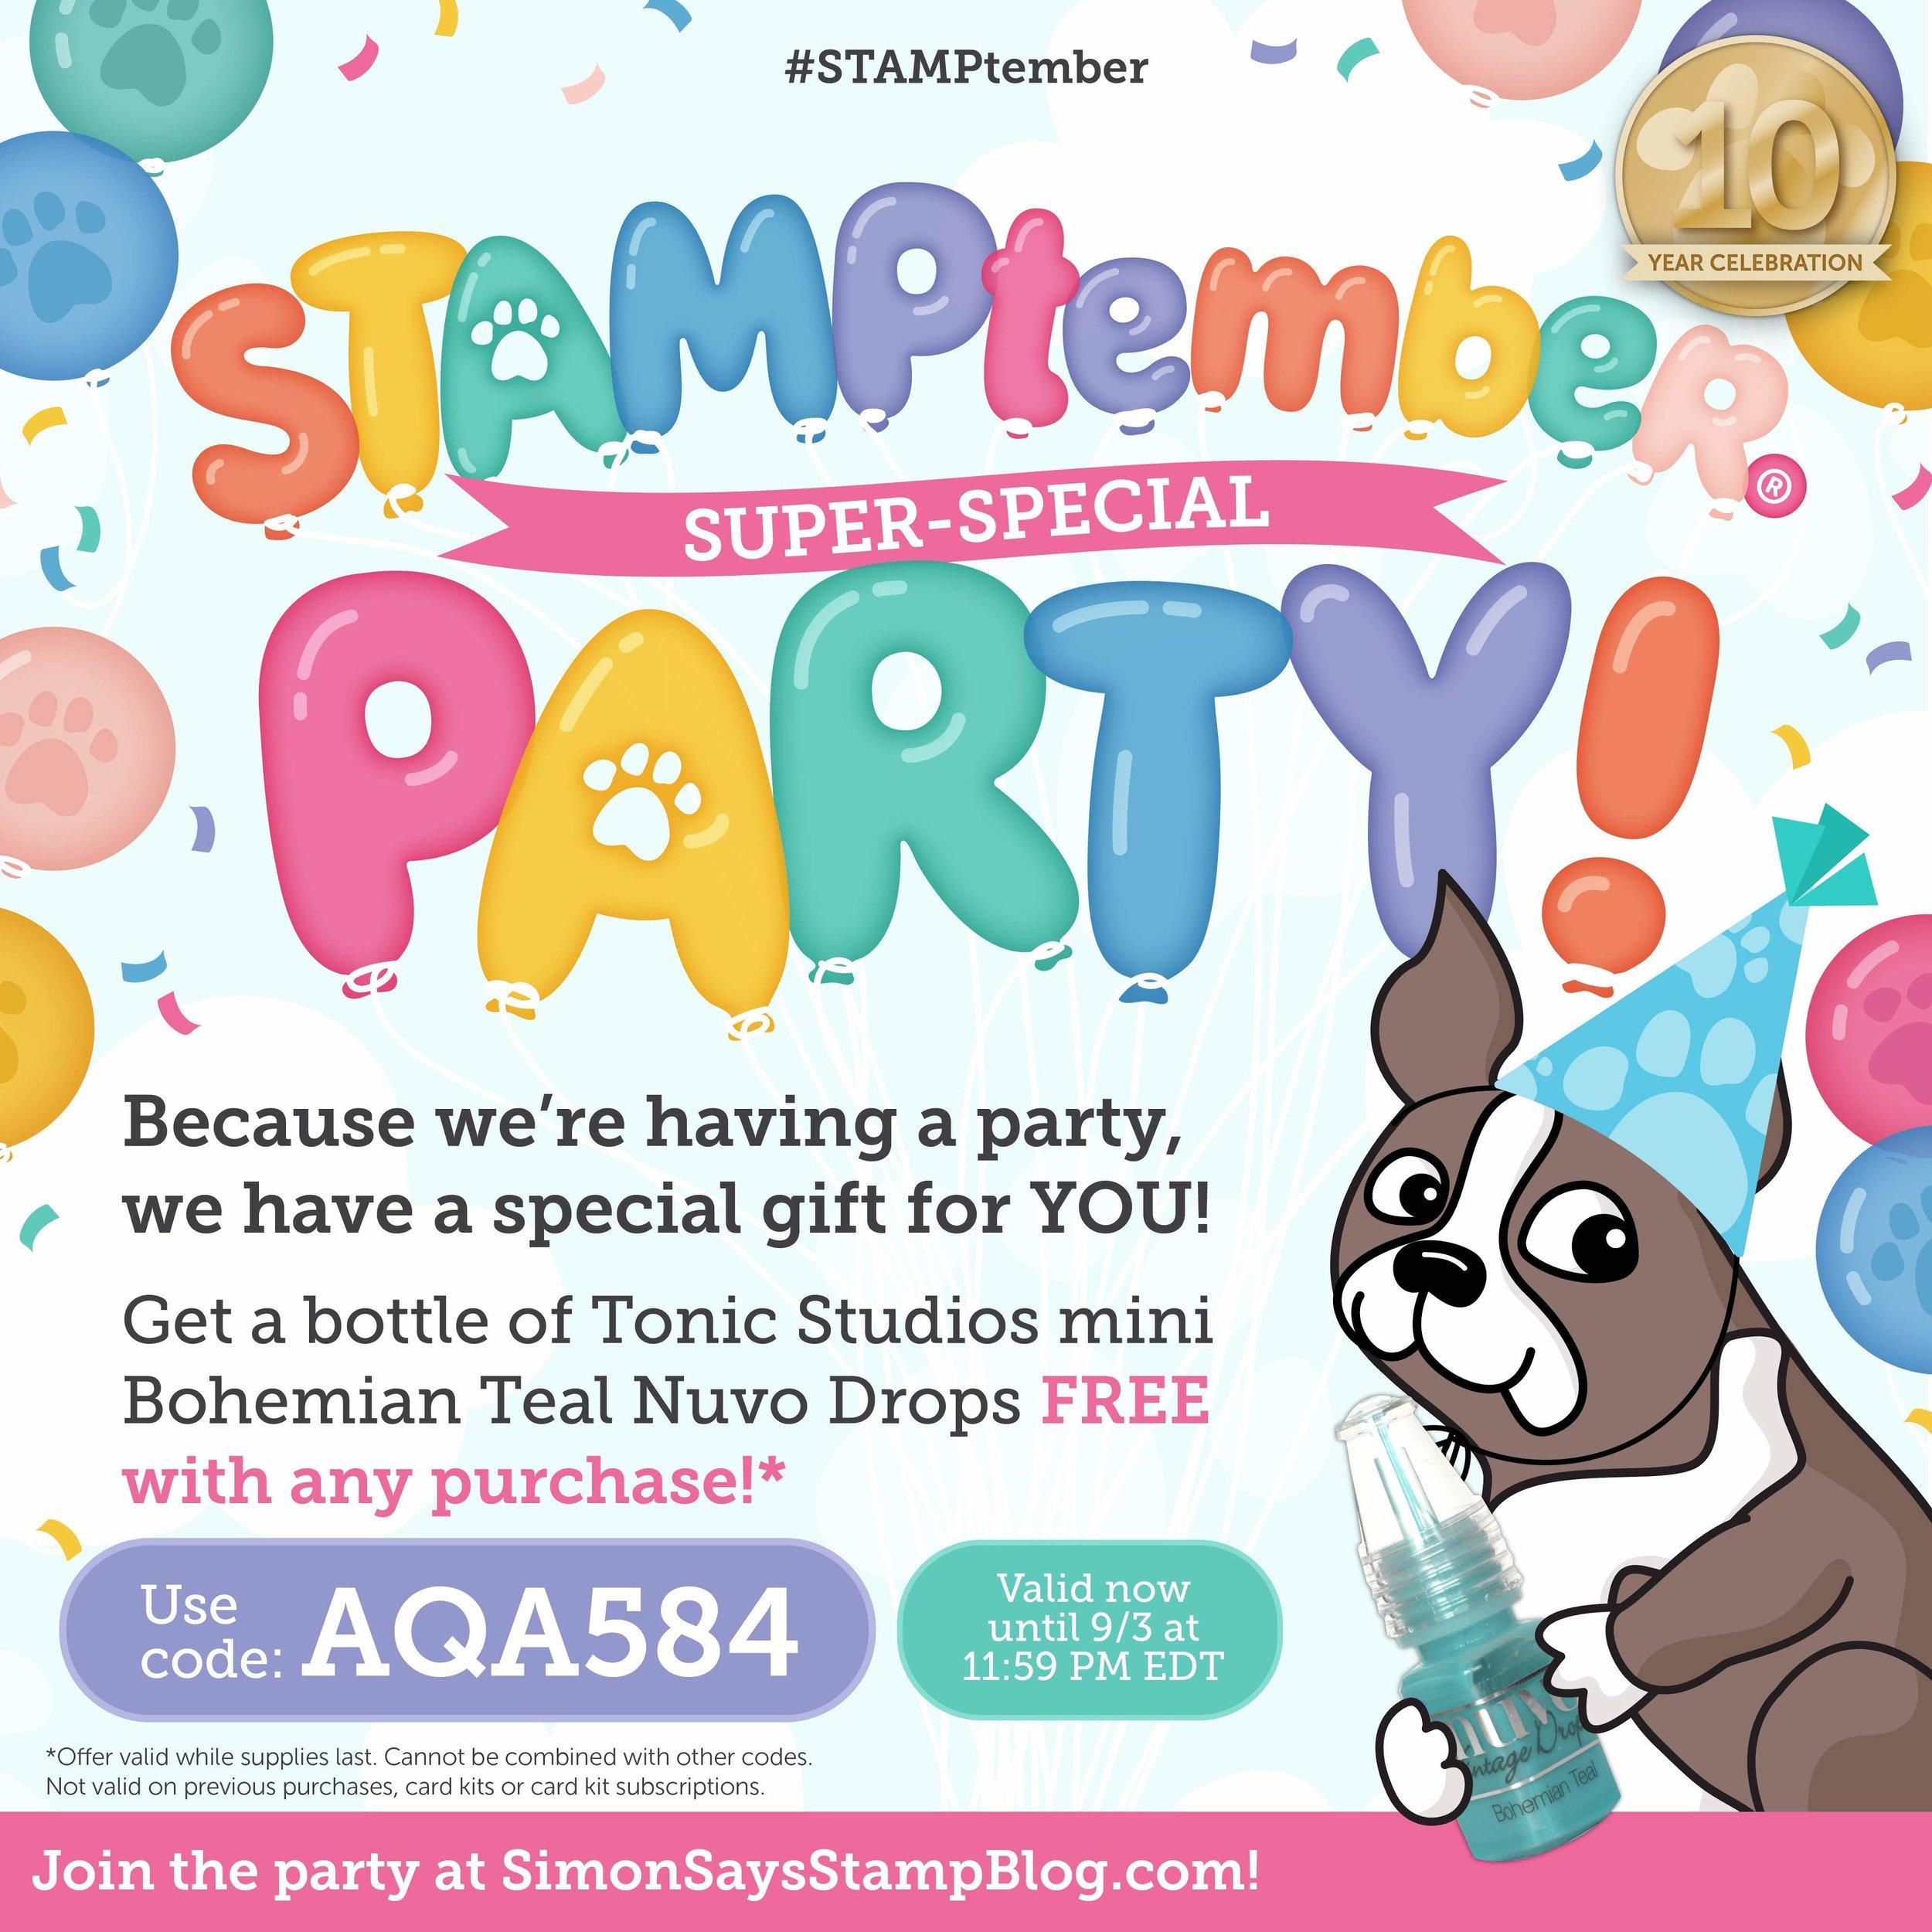 STAMPtember 2019 Free Gift_1080_BohemianTeal_AQA584-01.jpg